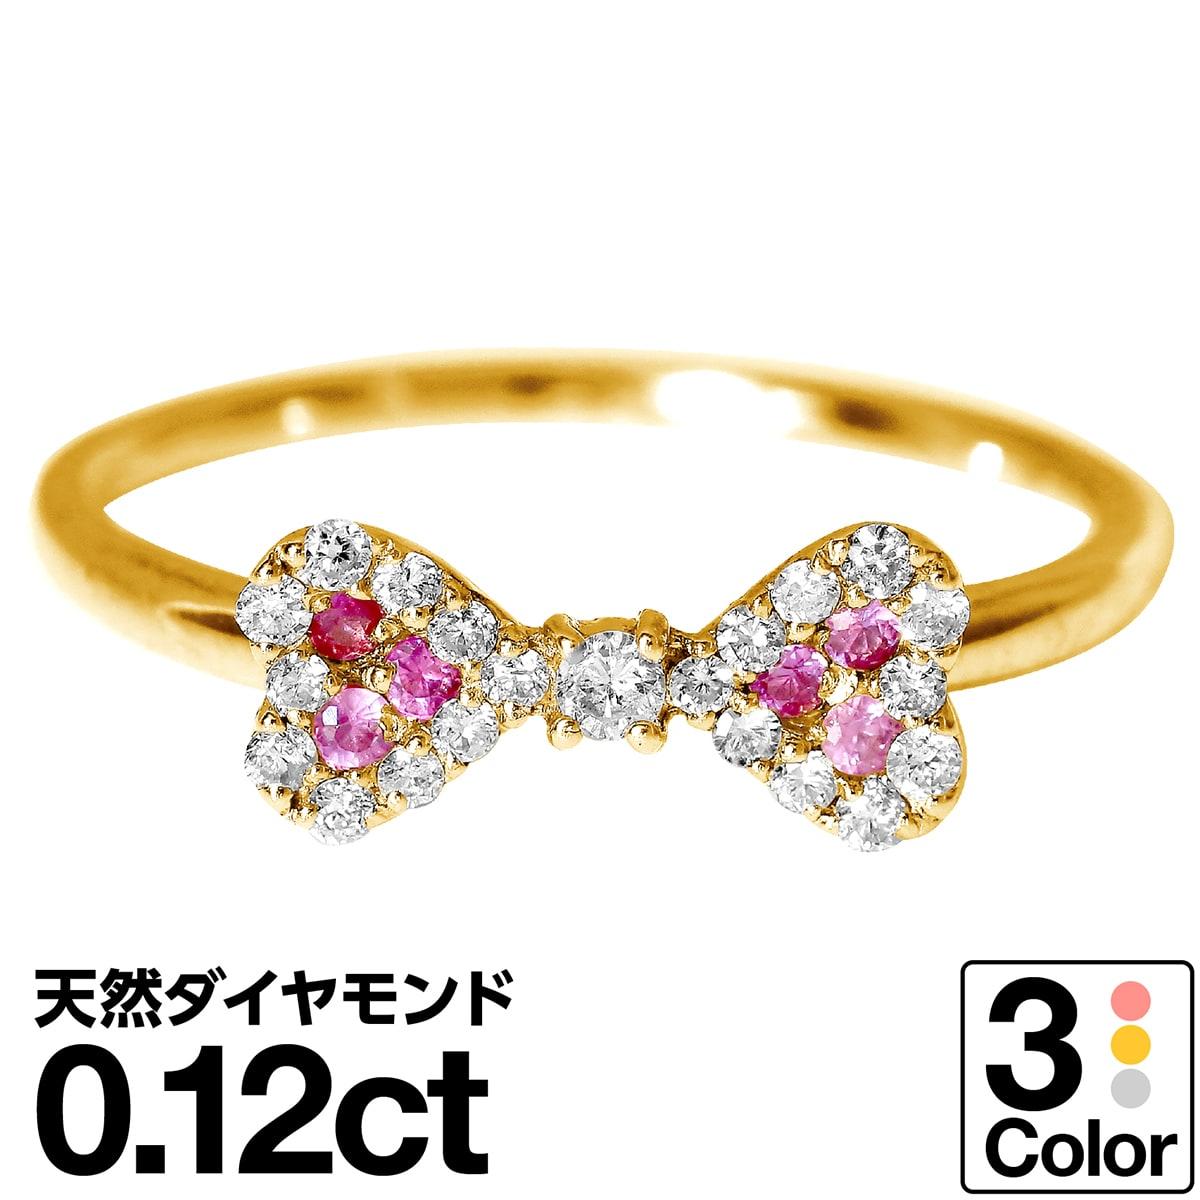 ダイヤモンド ピンクサファイア リング k18 イエローゴールド/ホワイトゴールド/ピンクゴールド ファッションリング 金属アレルギー 日本製 誕生日 ギフト